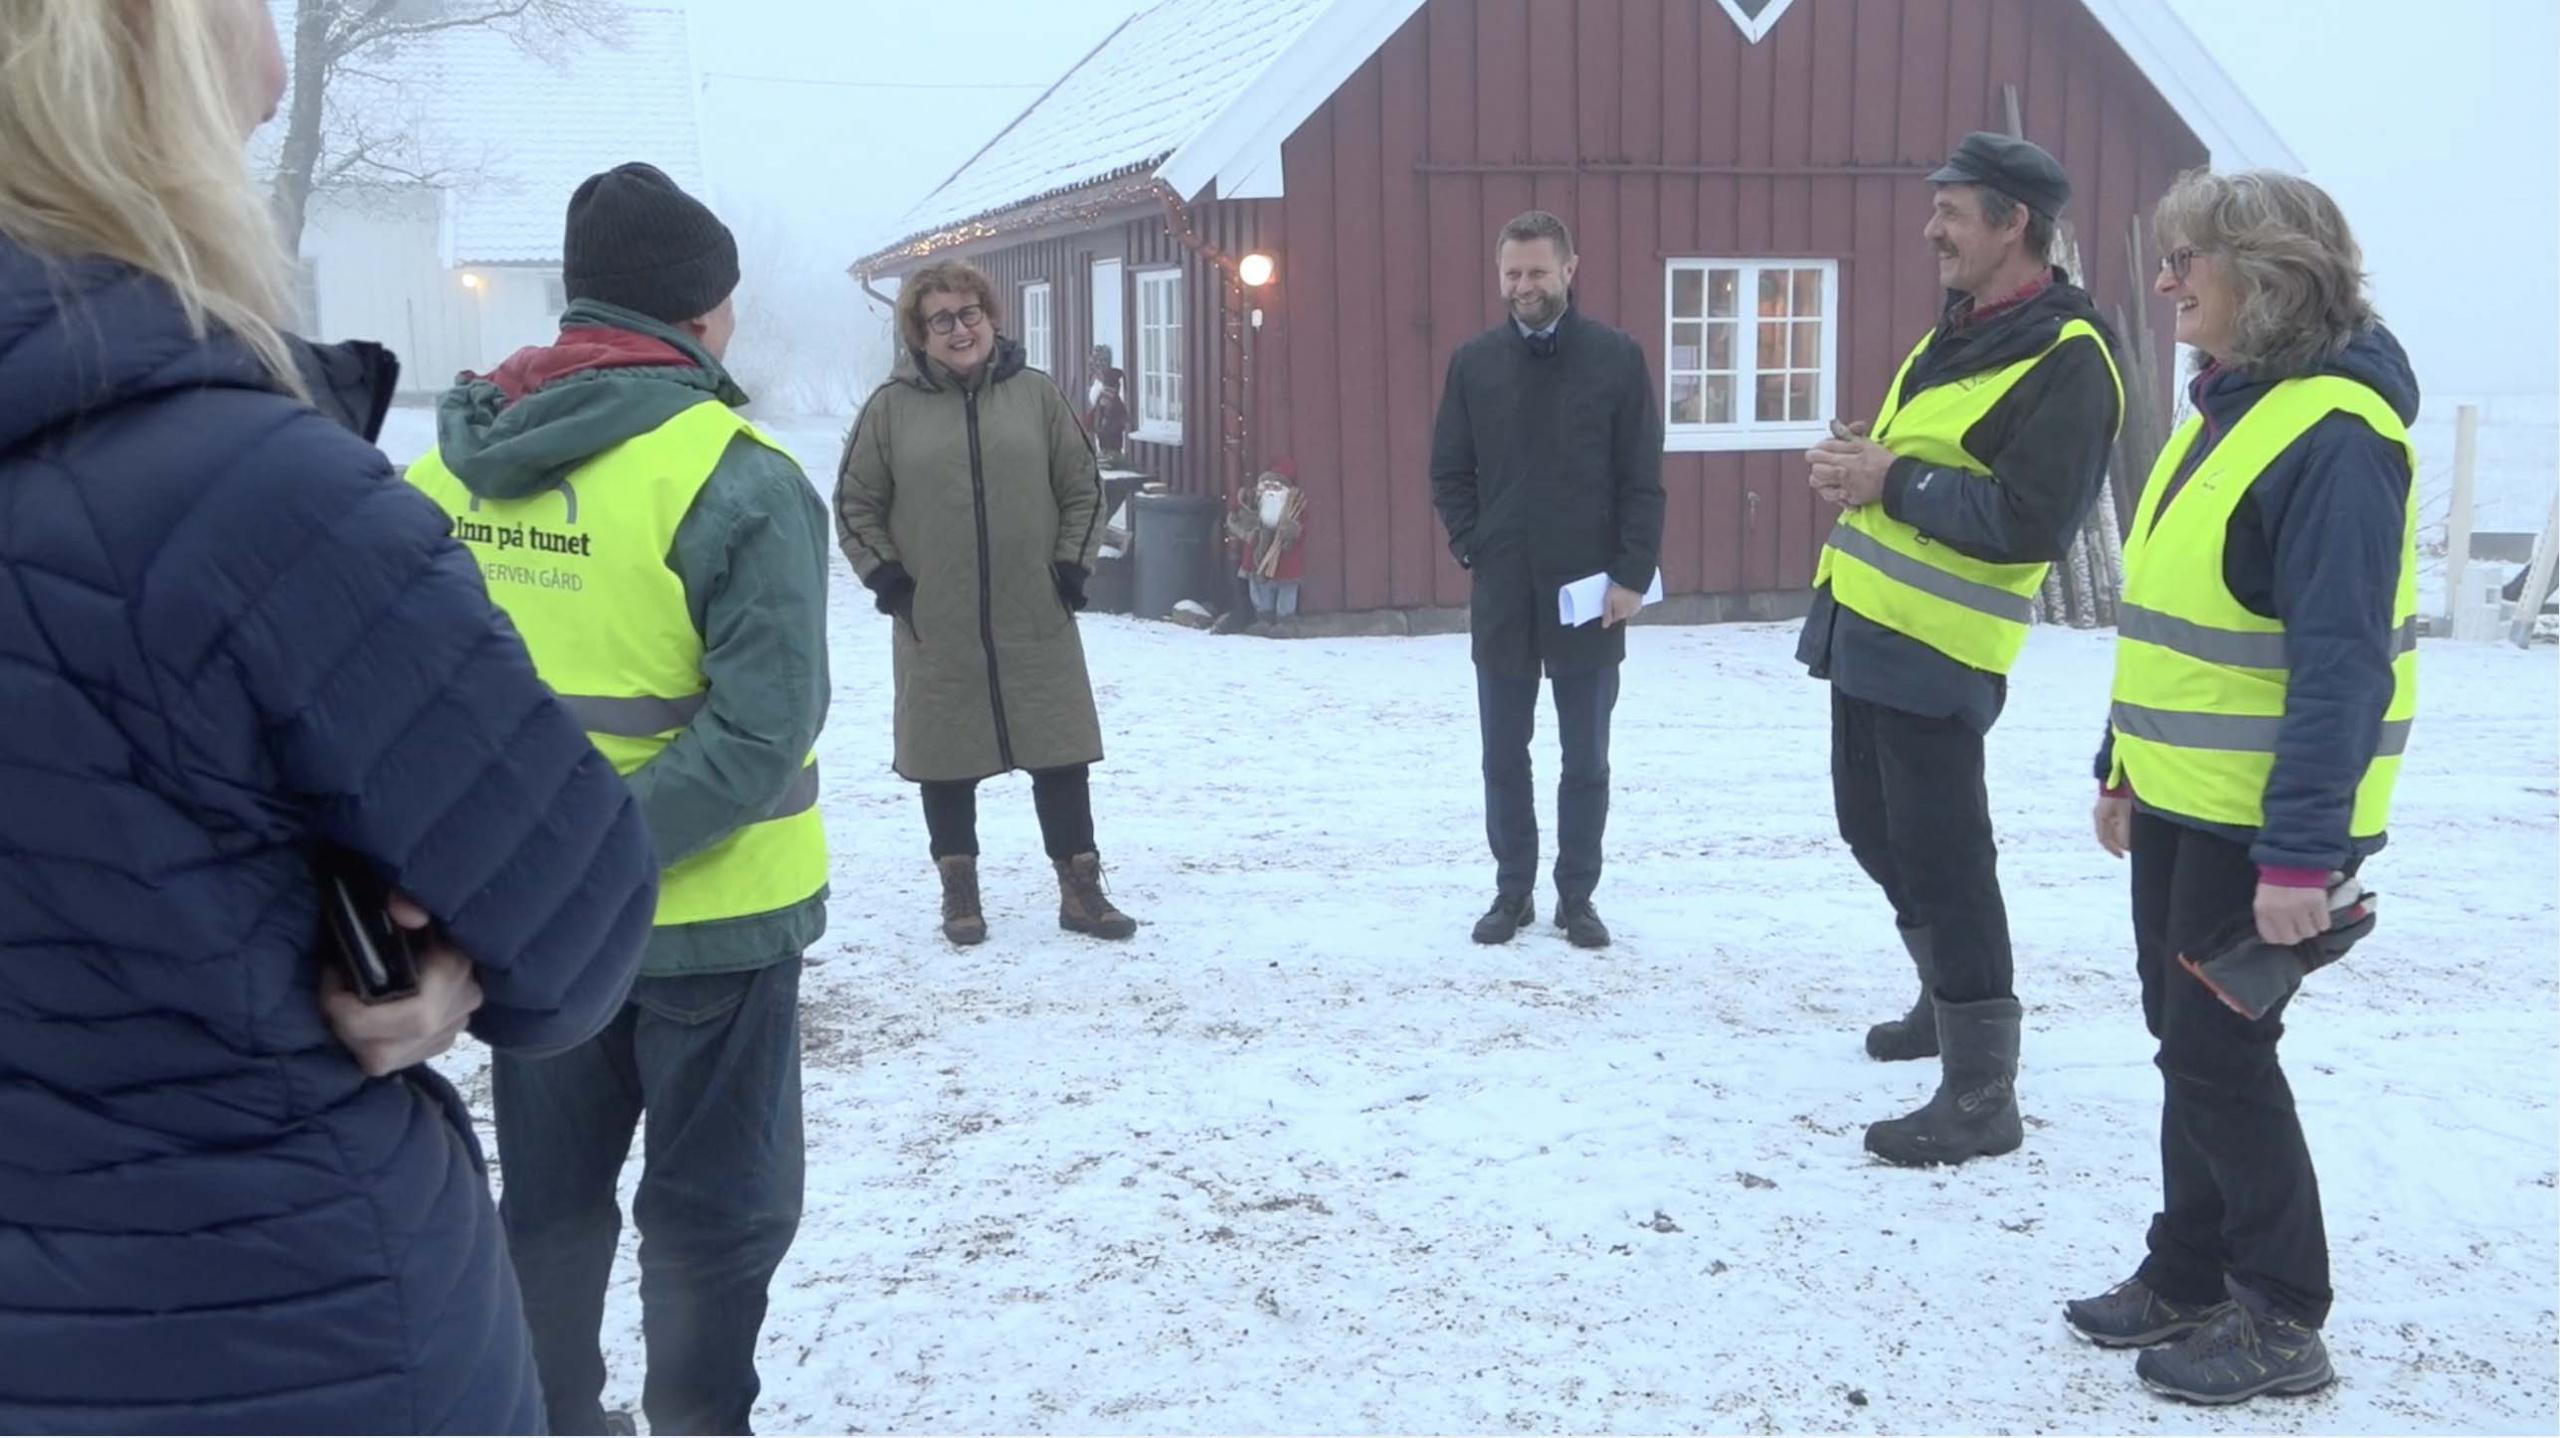 To ministre mottatt på gård. Foto fra video